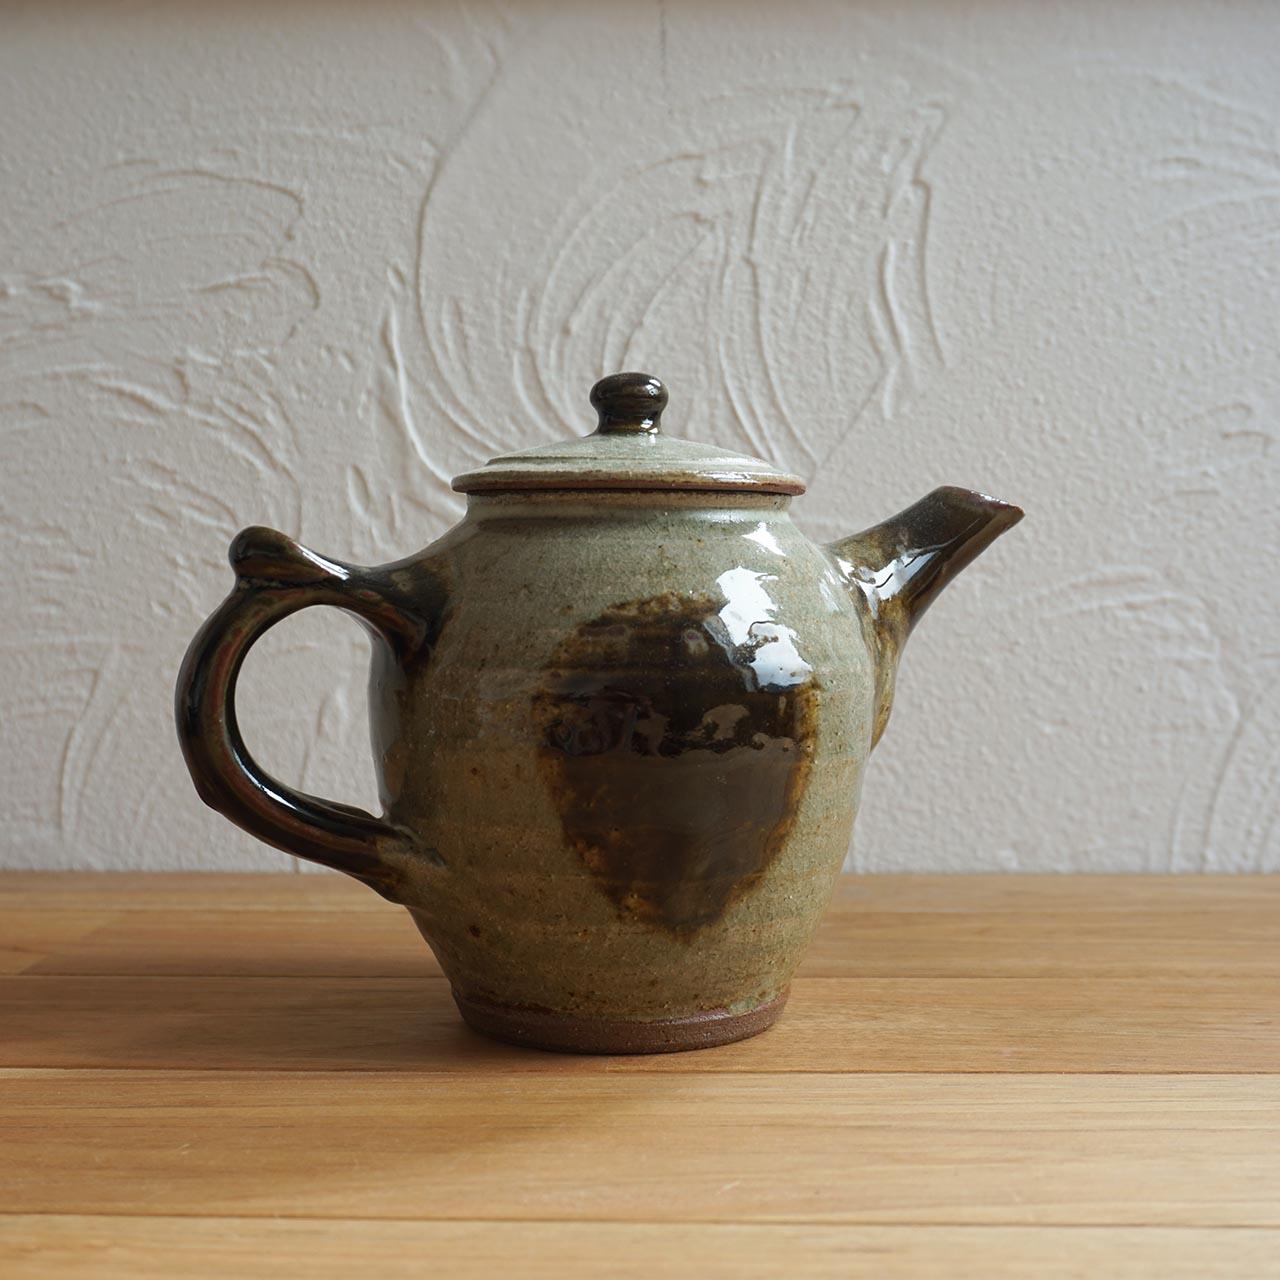 暑い夏は冷たい麦茶を入れて楽しめる!!